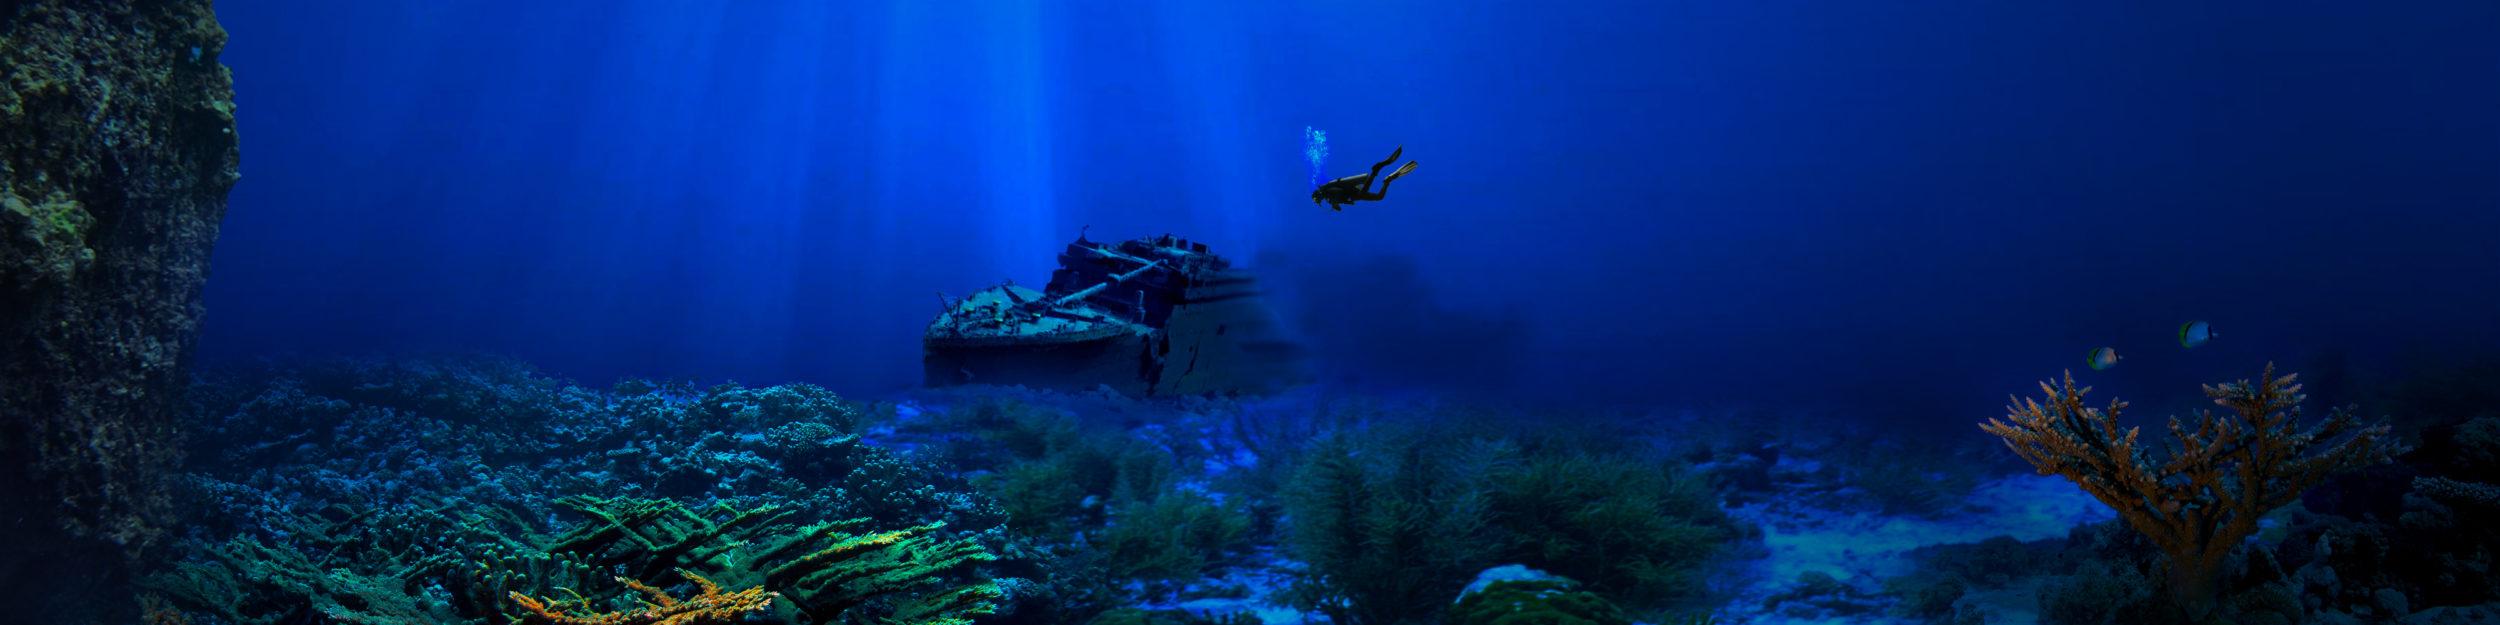 Apprendre la plongée en eaux profondes et sur épaves